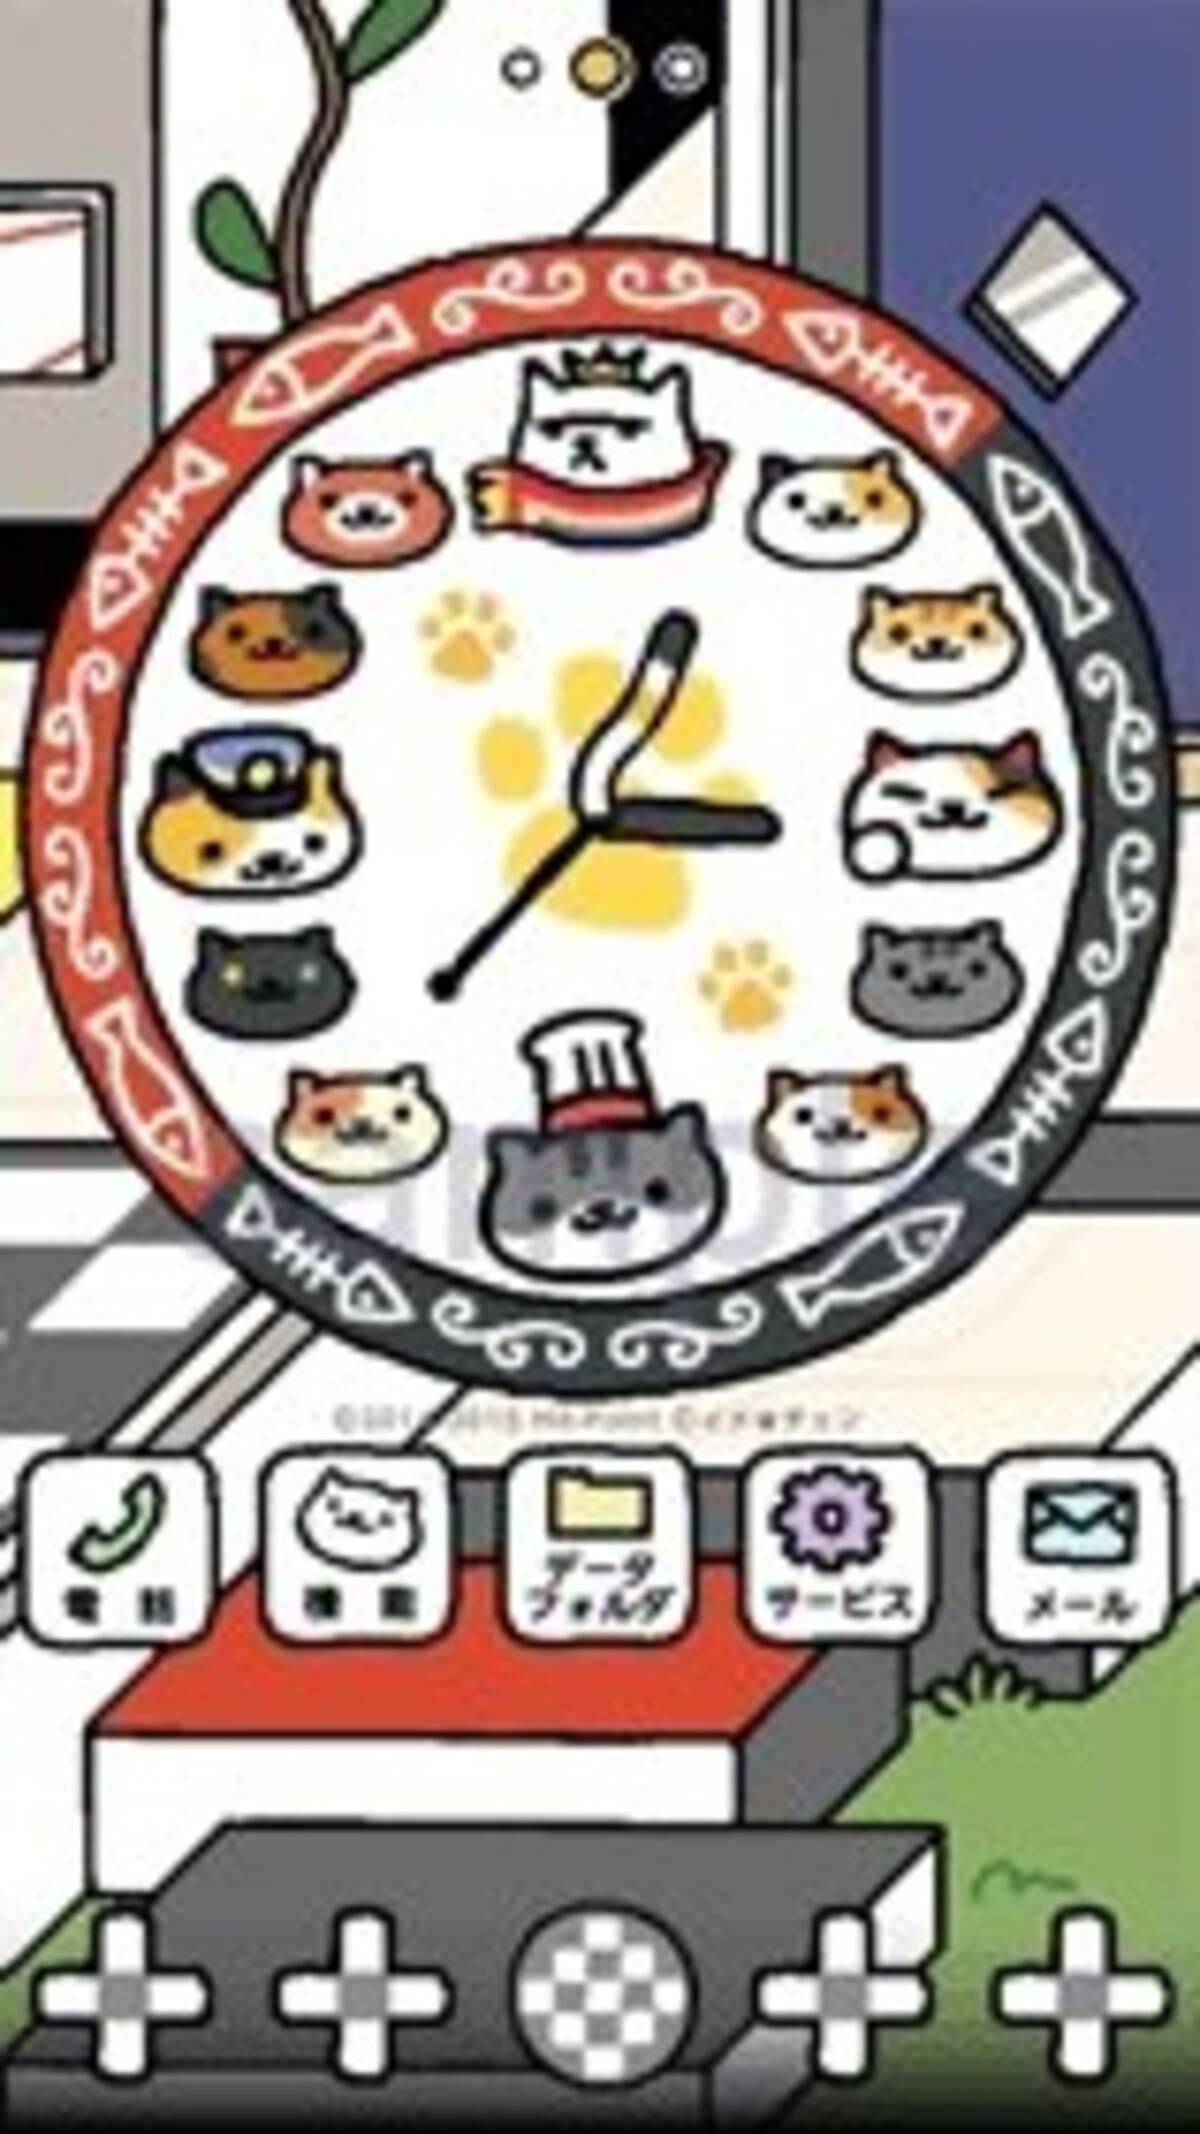 モダン時計が特徴な ねこあつめ 新作きせかえが イメ チェン にて